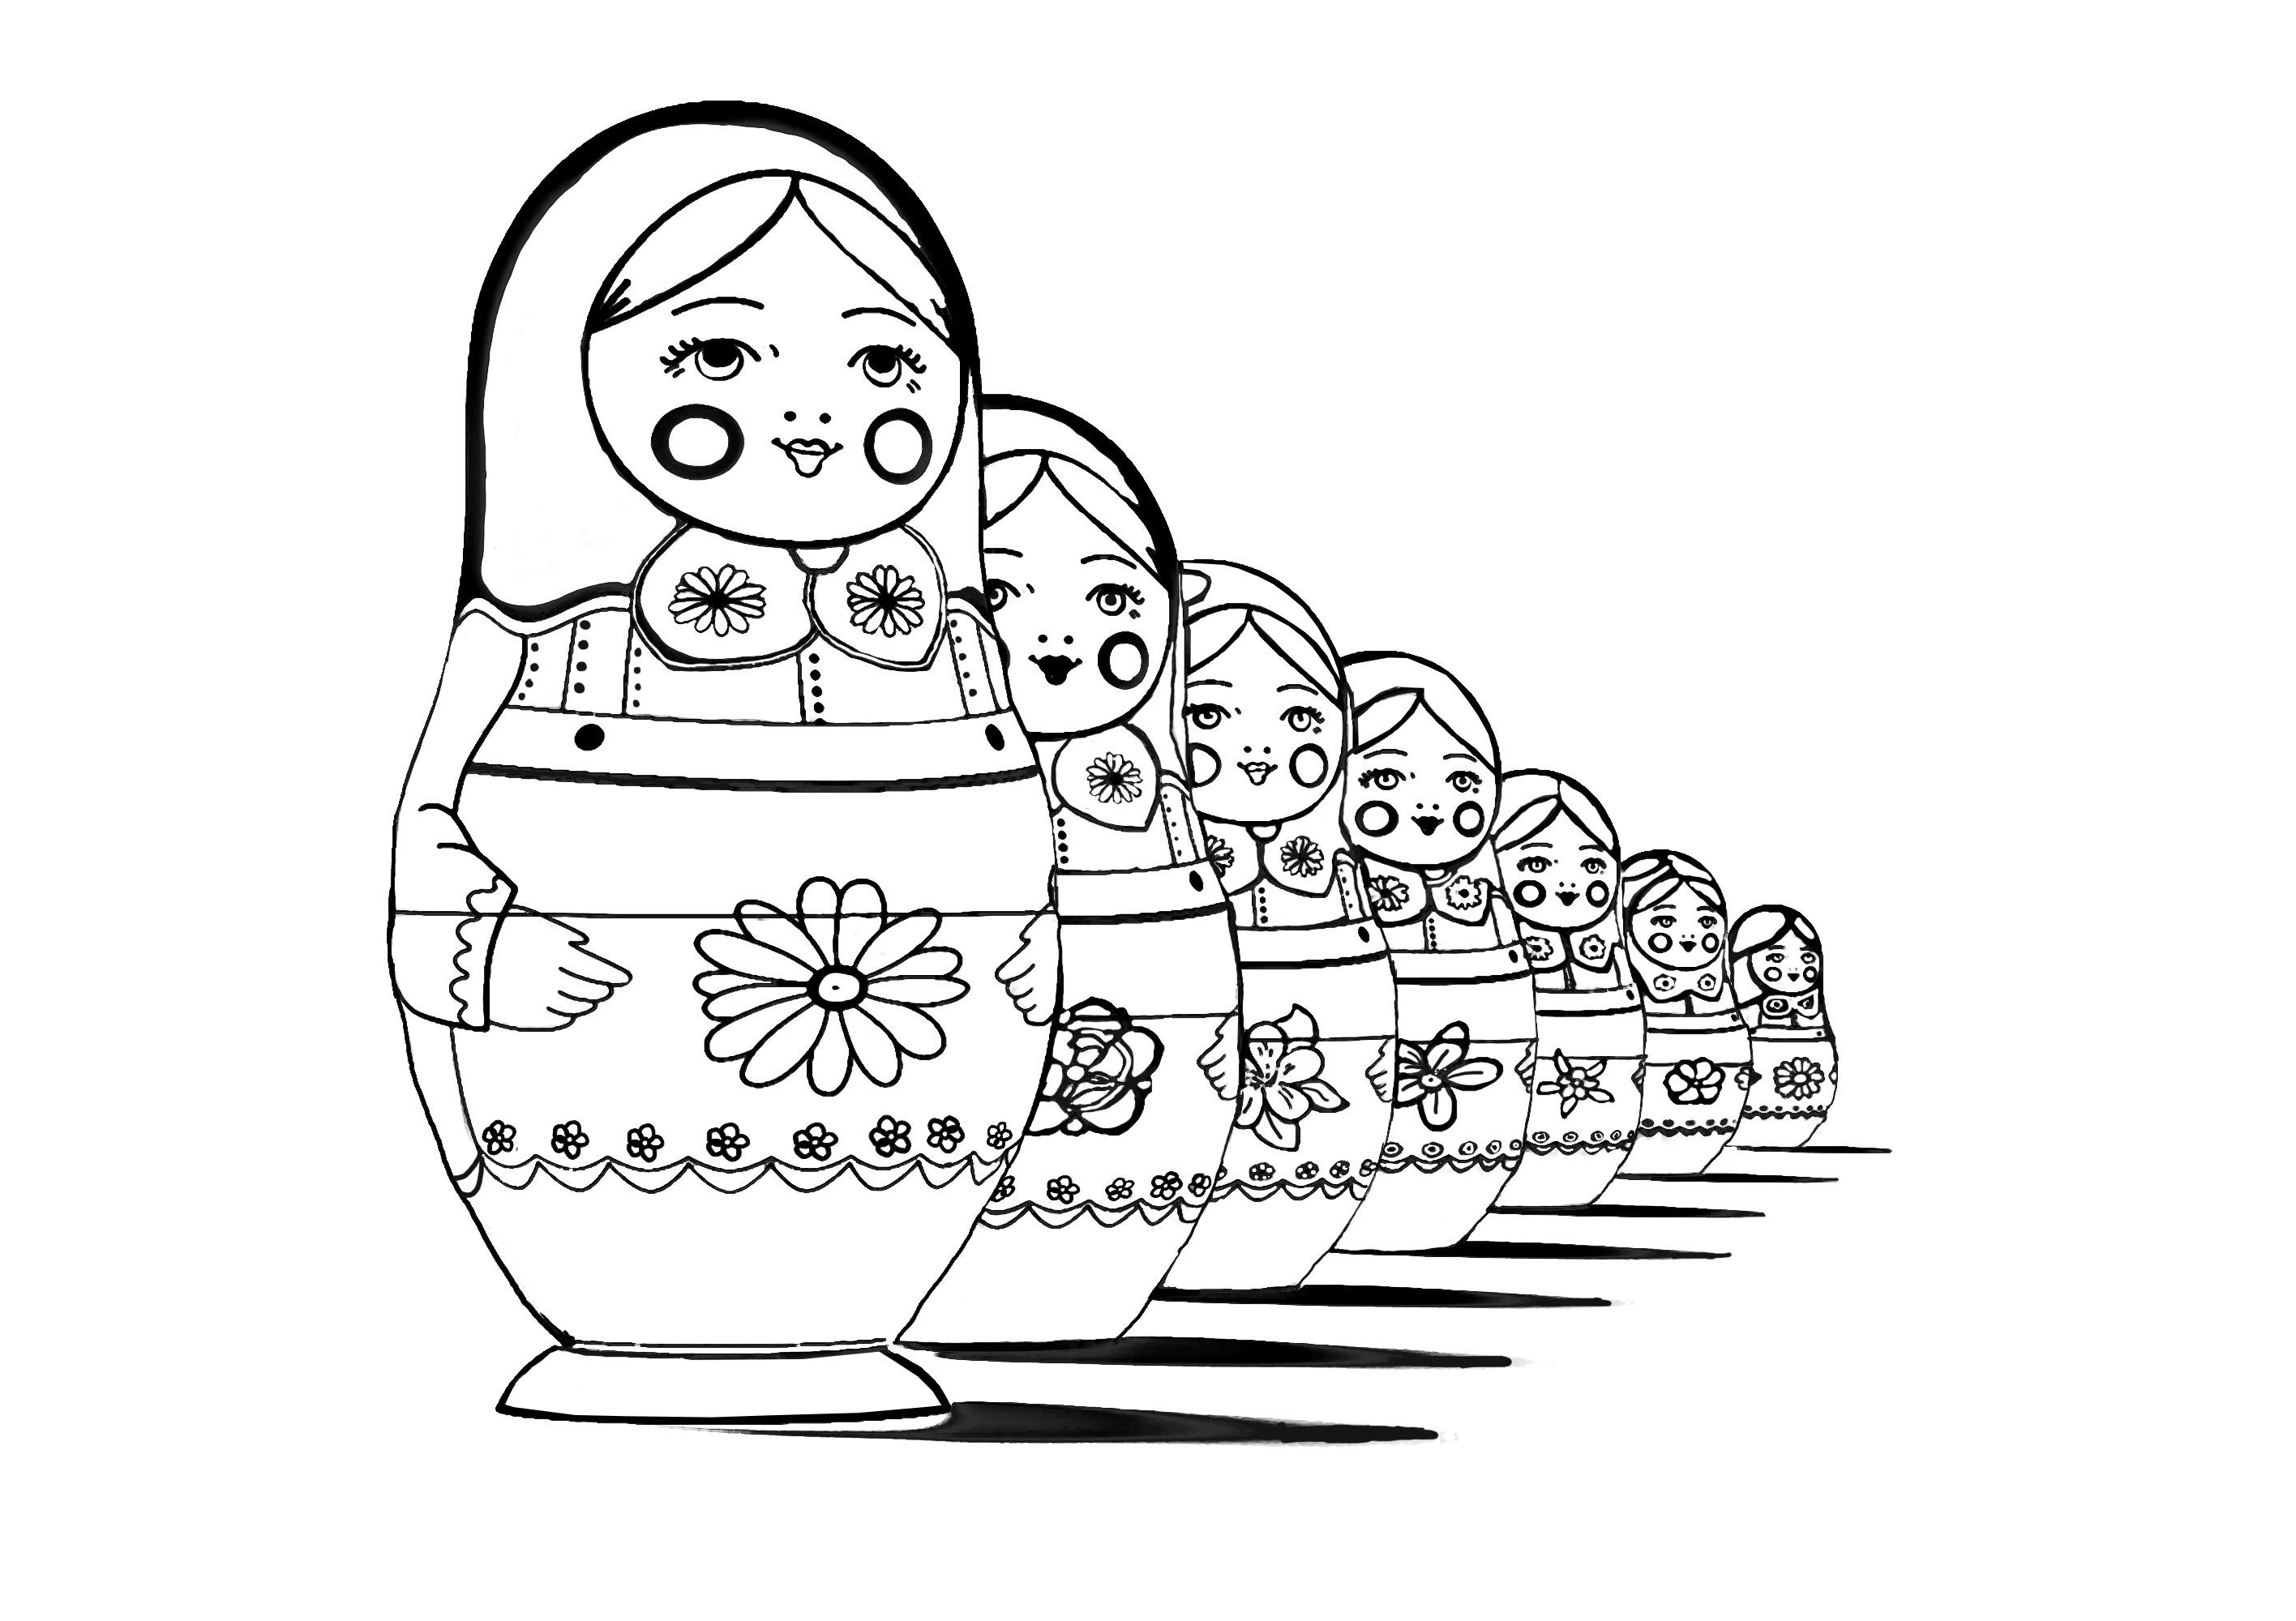 Disegni da colorare per adulti : Bambole russe - 14